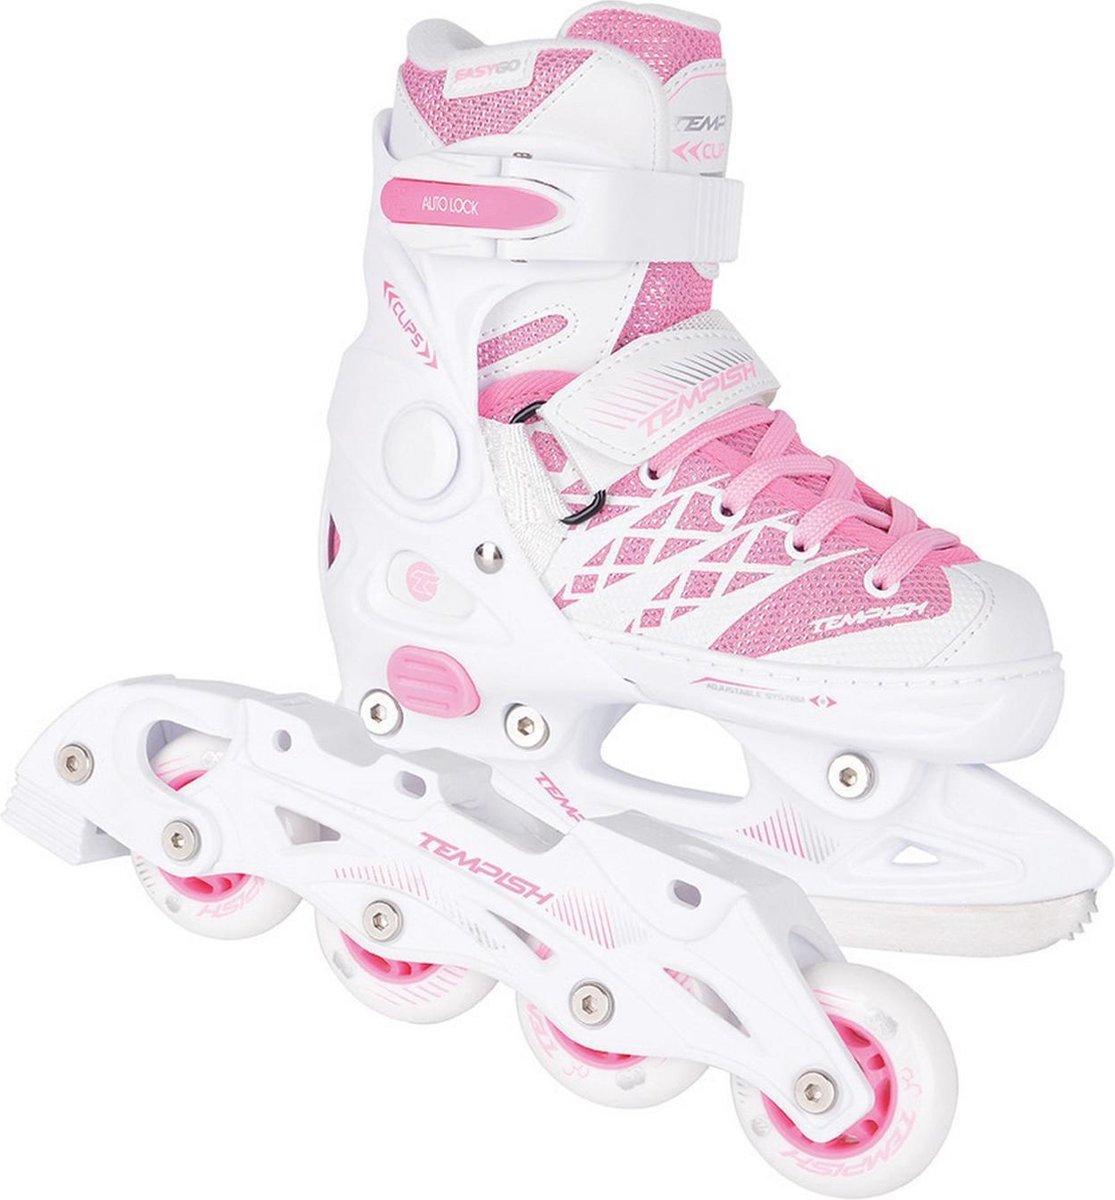 Tempish Kunstschaatsen/skates verstelbaar CLIPS DUO Meisjes Wit/Roze 33-36